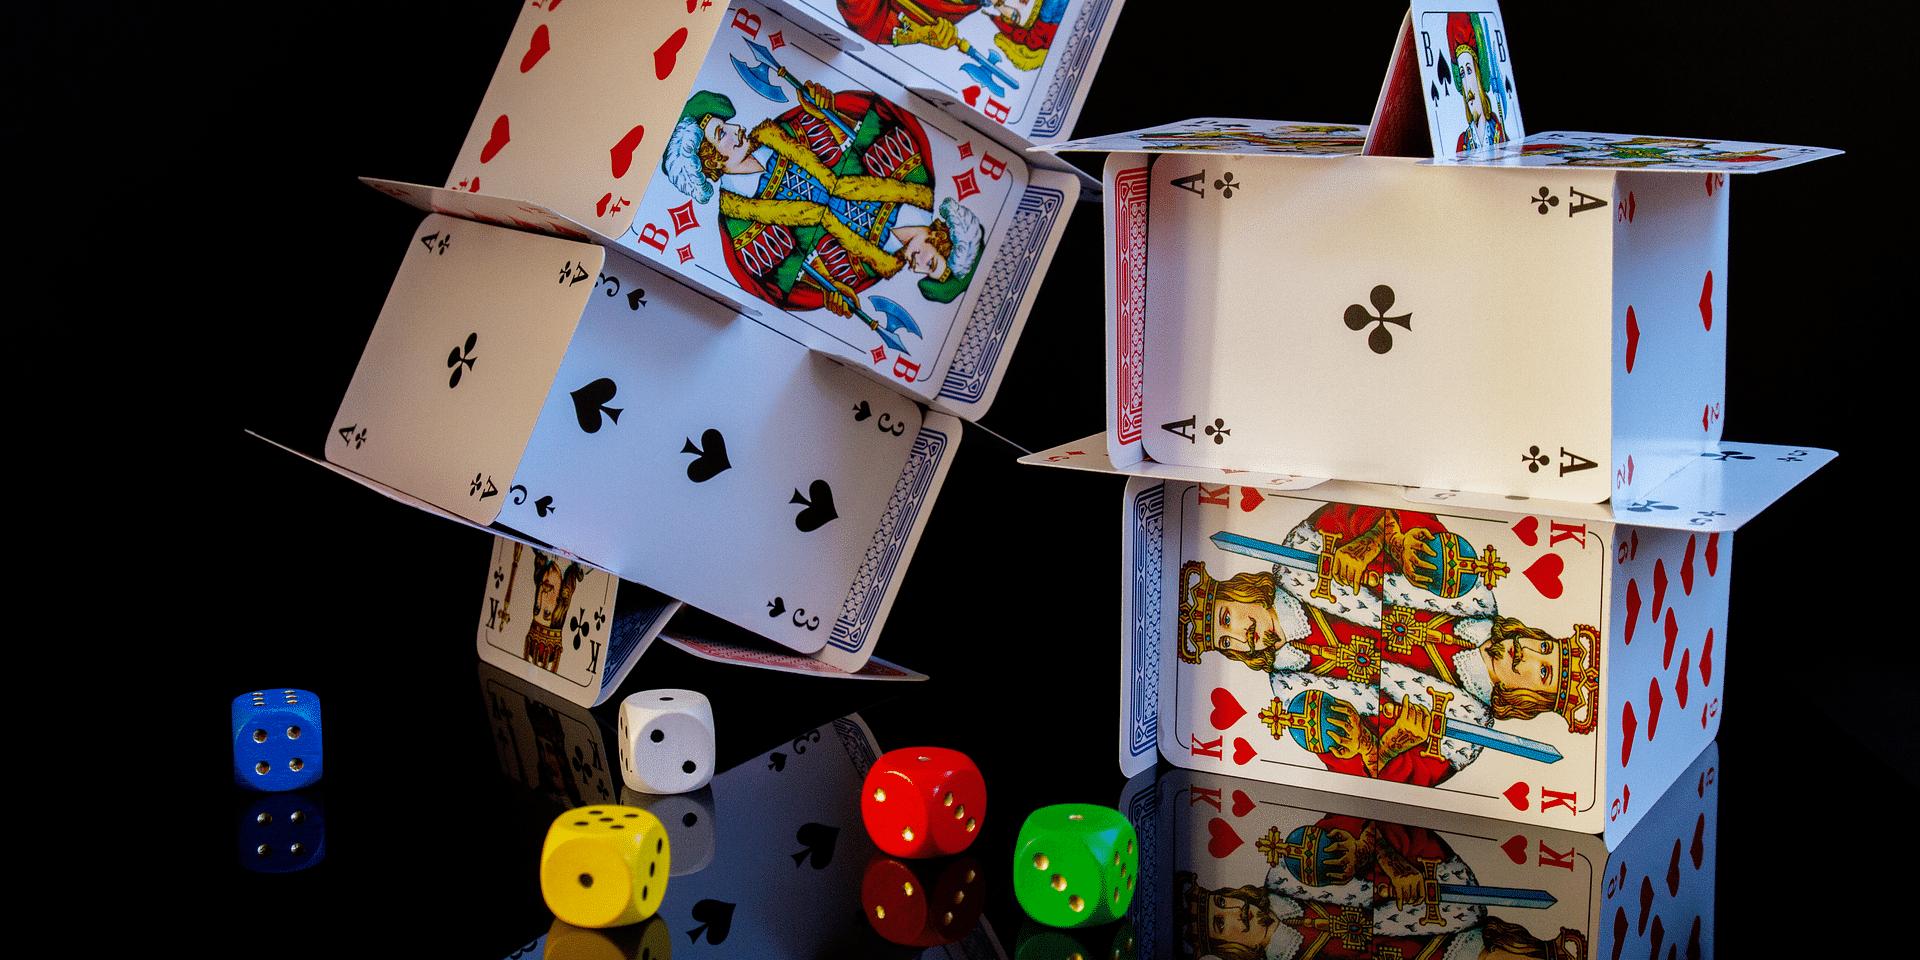 jogos de carta, jocuri de cărţi, jogos de cartas